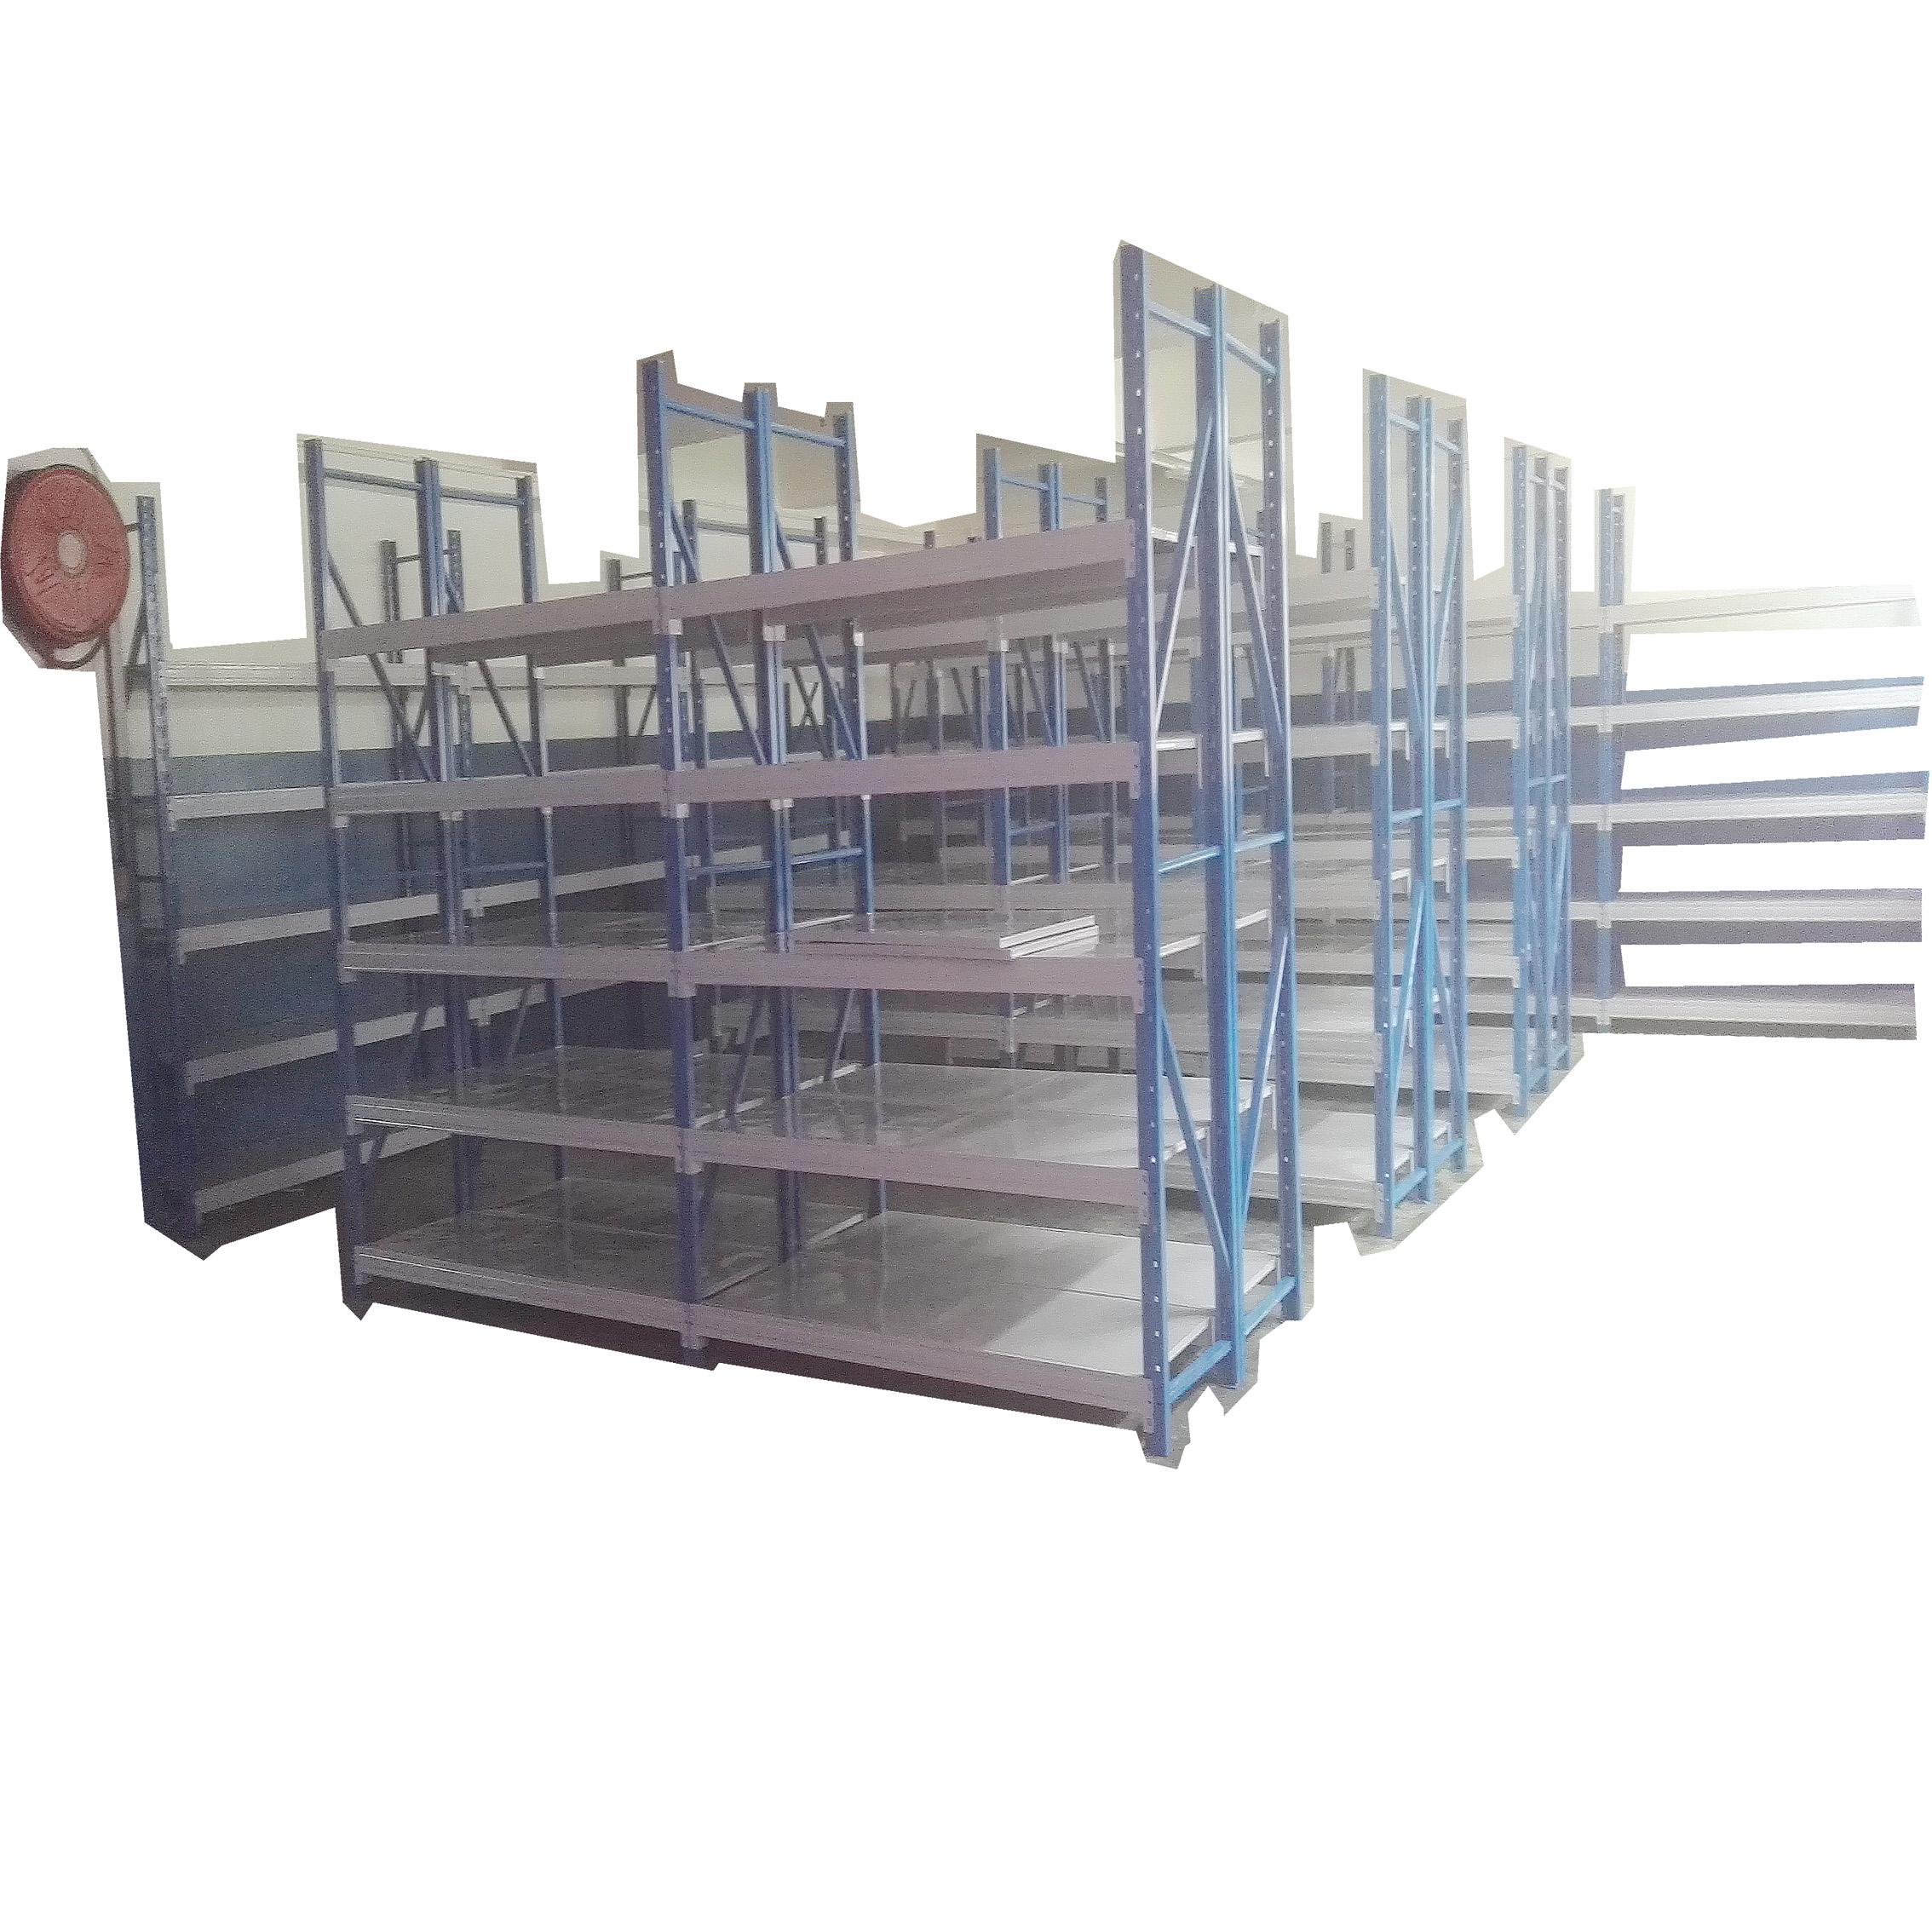 广东轻型货架,库存货架,中山仓库货架,保税仓货架149352475